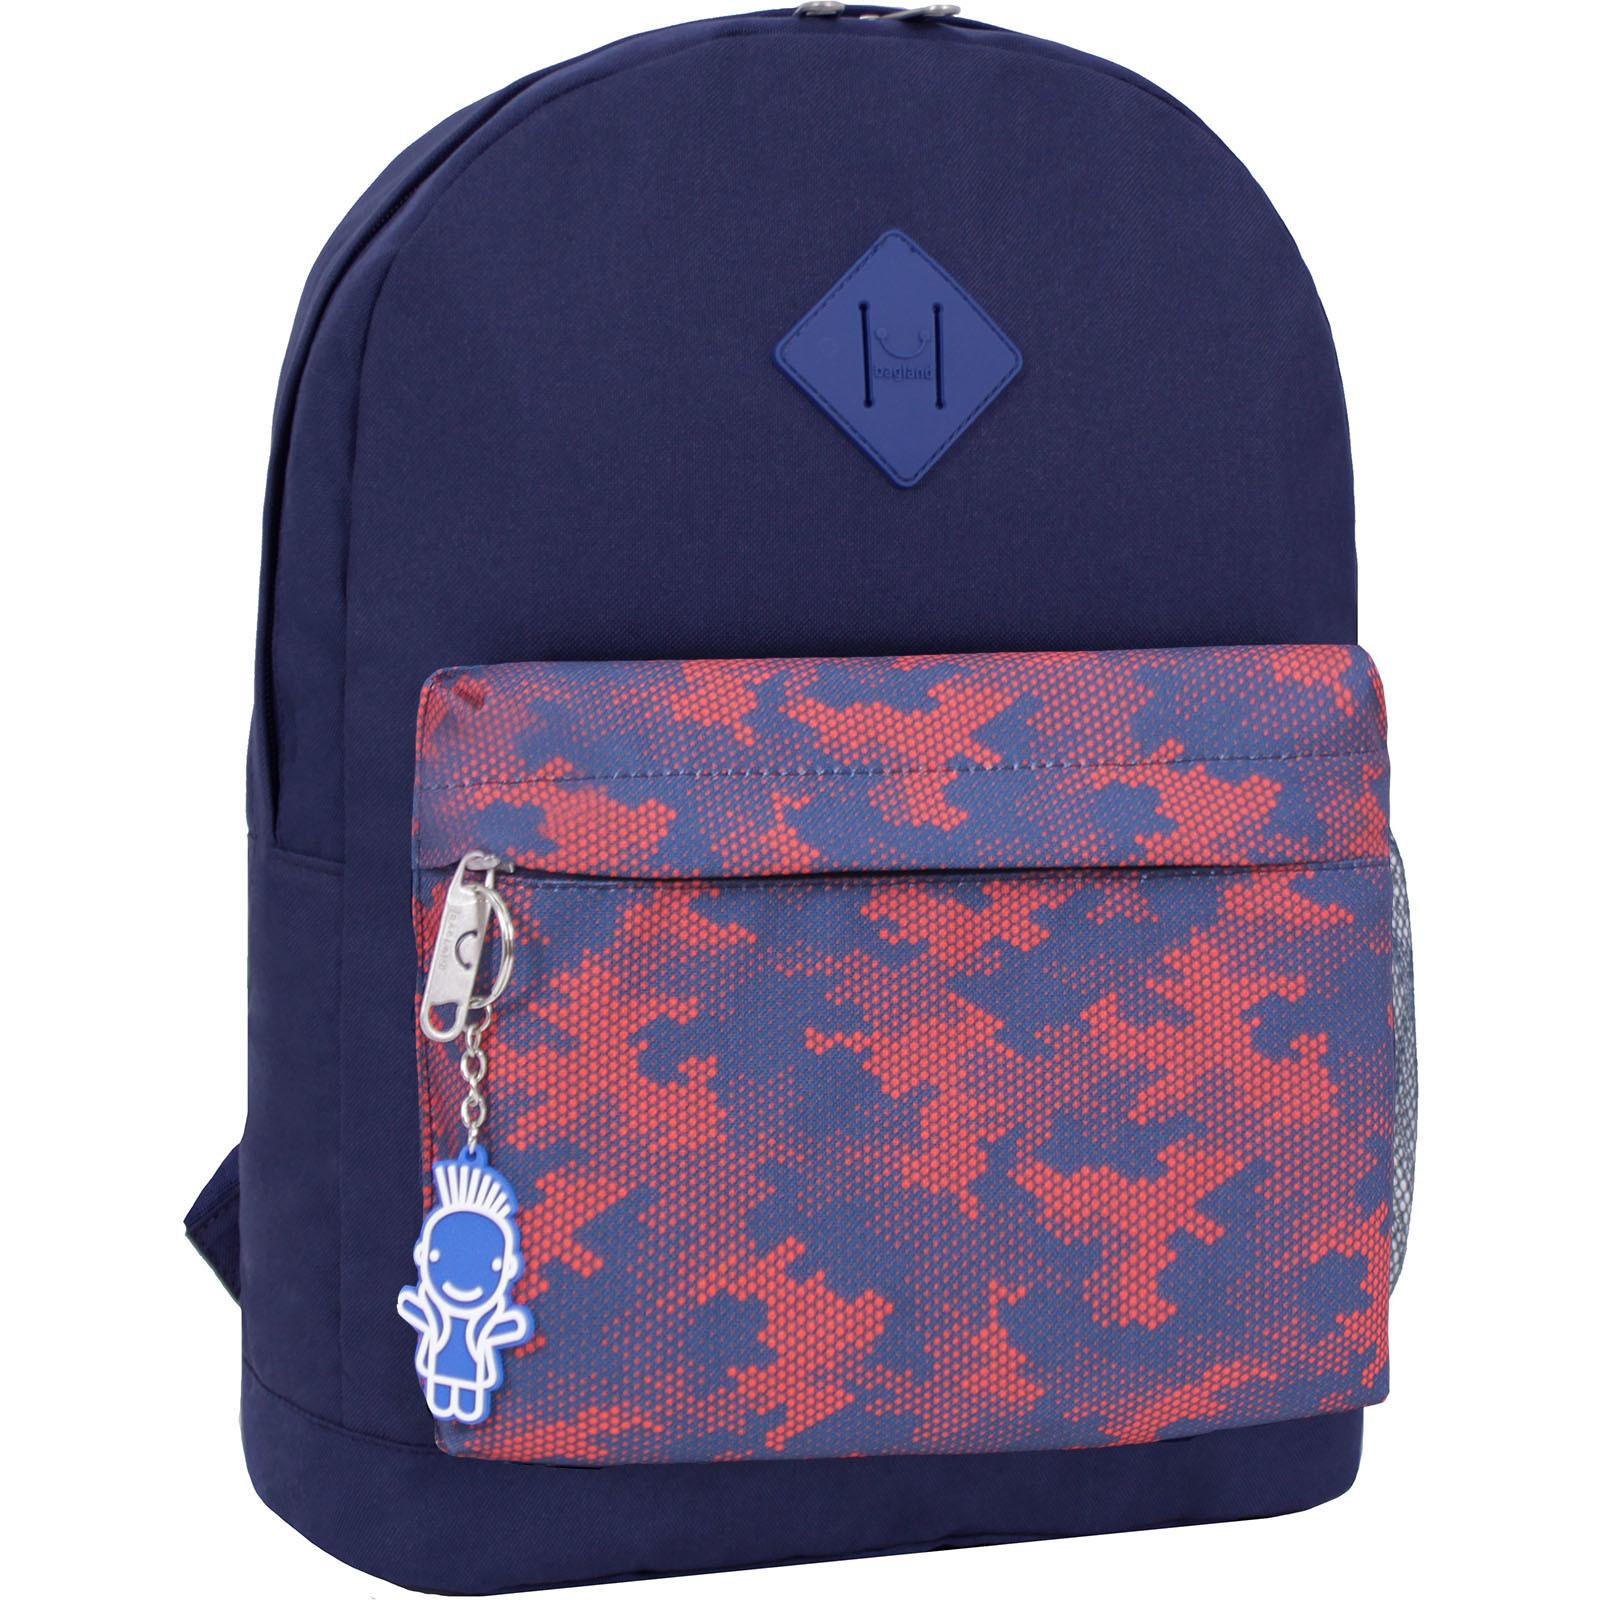 Городские рюкзаки Рюкзак Bagland Молодежный W/R 17 л. чернильный 482 (00533662) IMG_2363_482_-1600.jpg